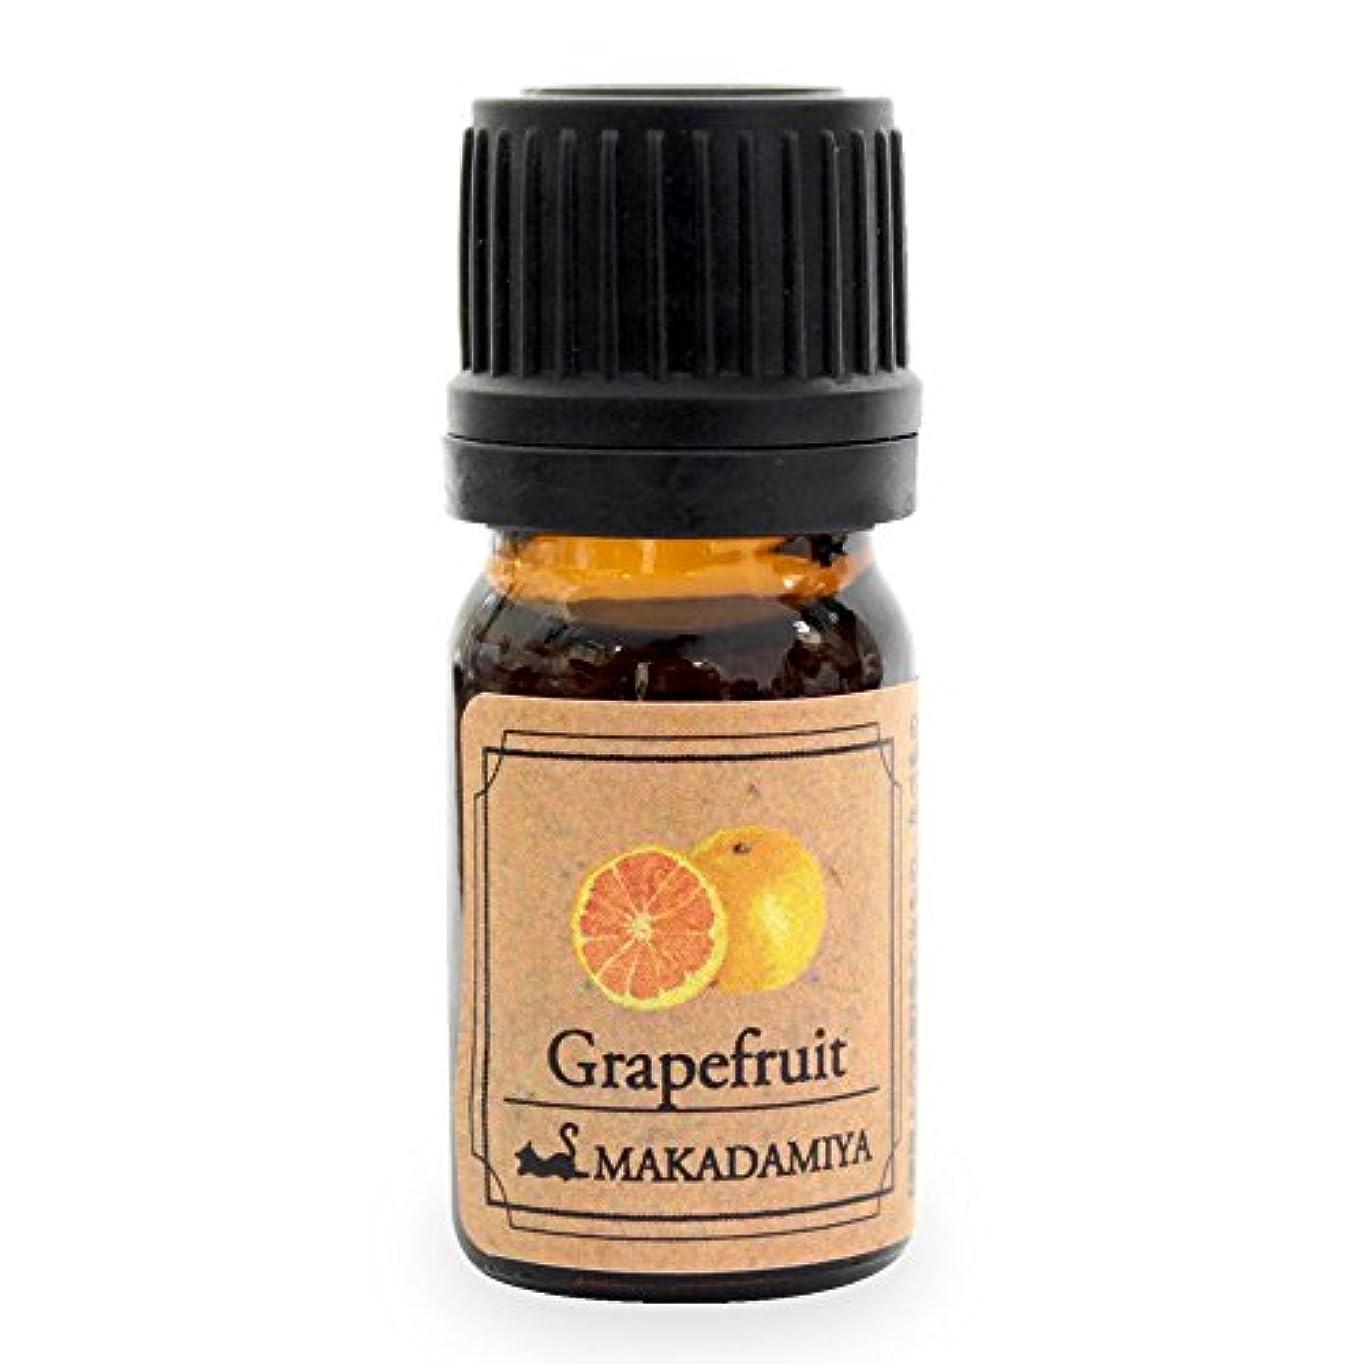 イヤホン樫の木本を読むグレープフルーツ5ml 天然100%植物性 エッセンシャルオイル(精油) アロマオイル アロママッサージ aroma Grapefruit